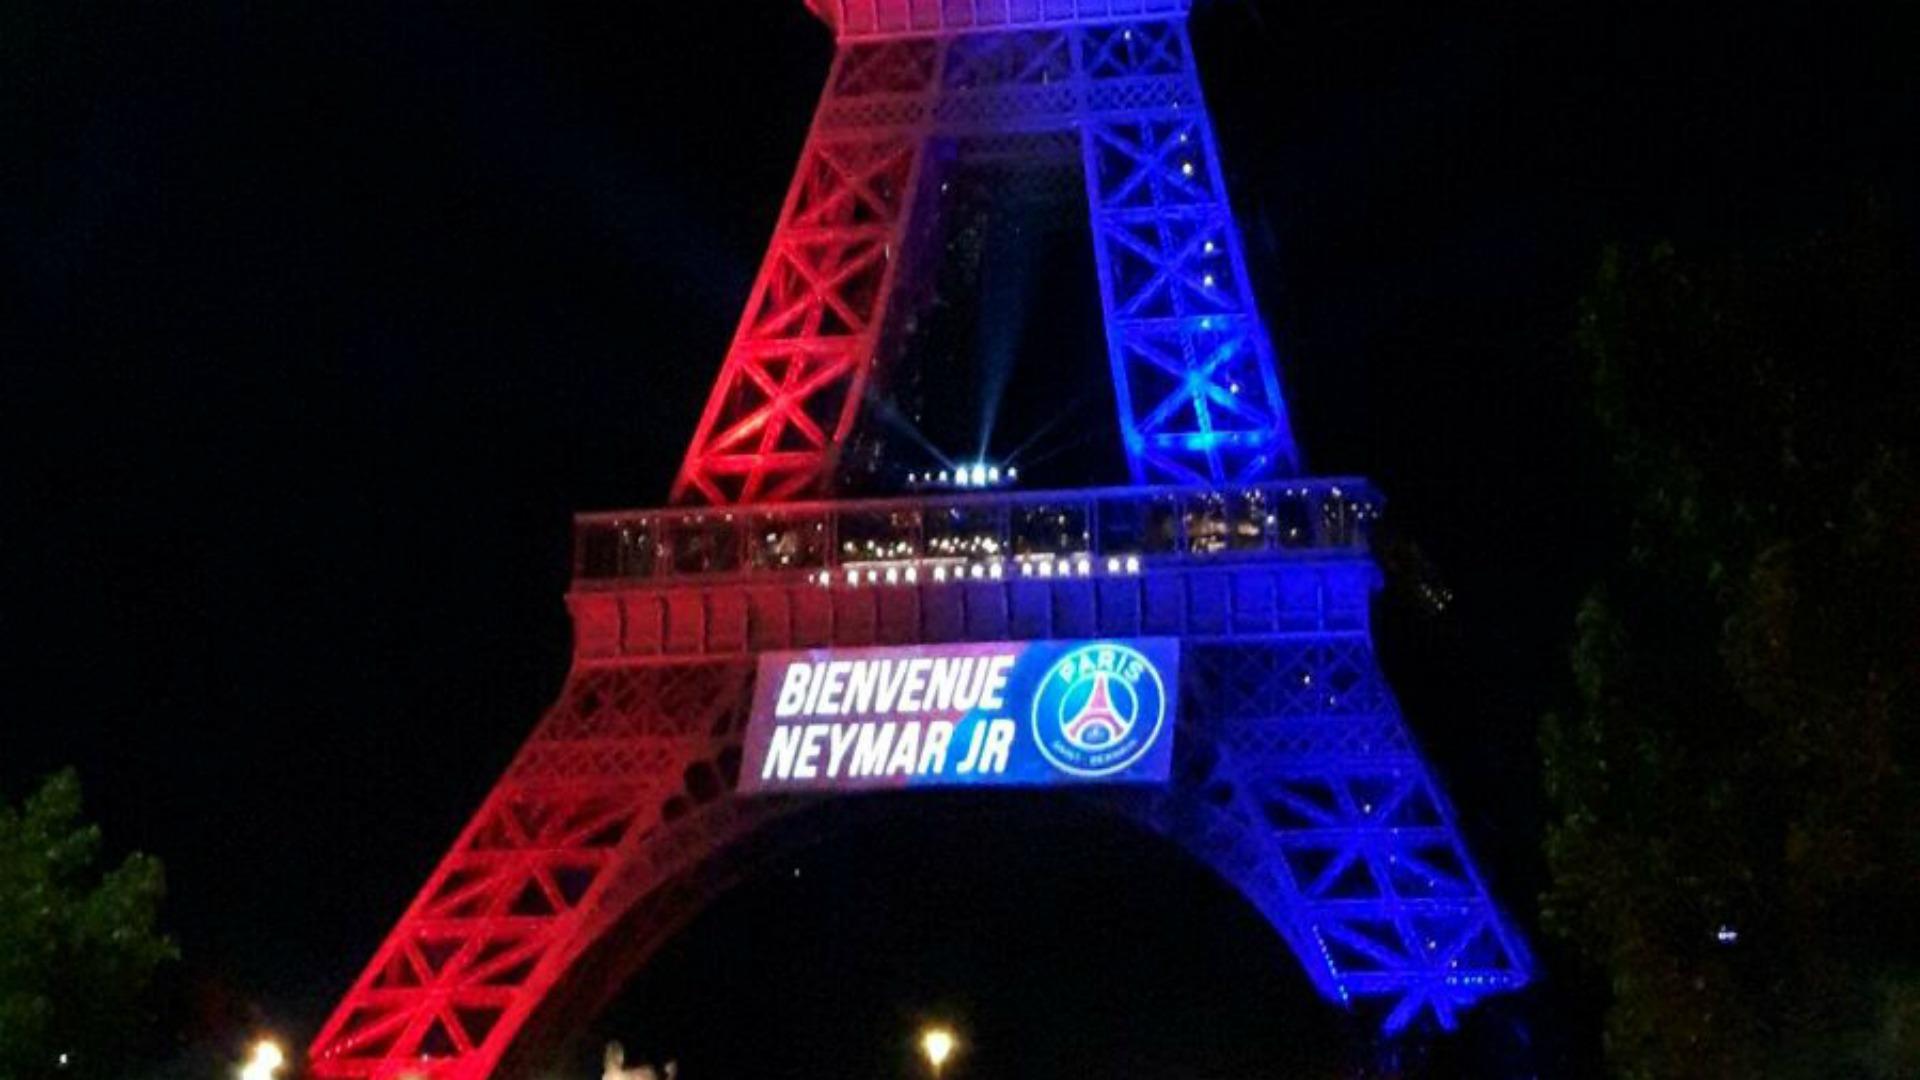 Torre Eiffel é iluminada em homenagem a Neymar: